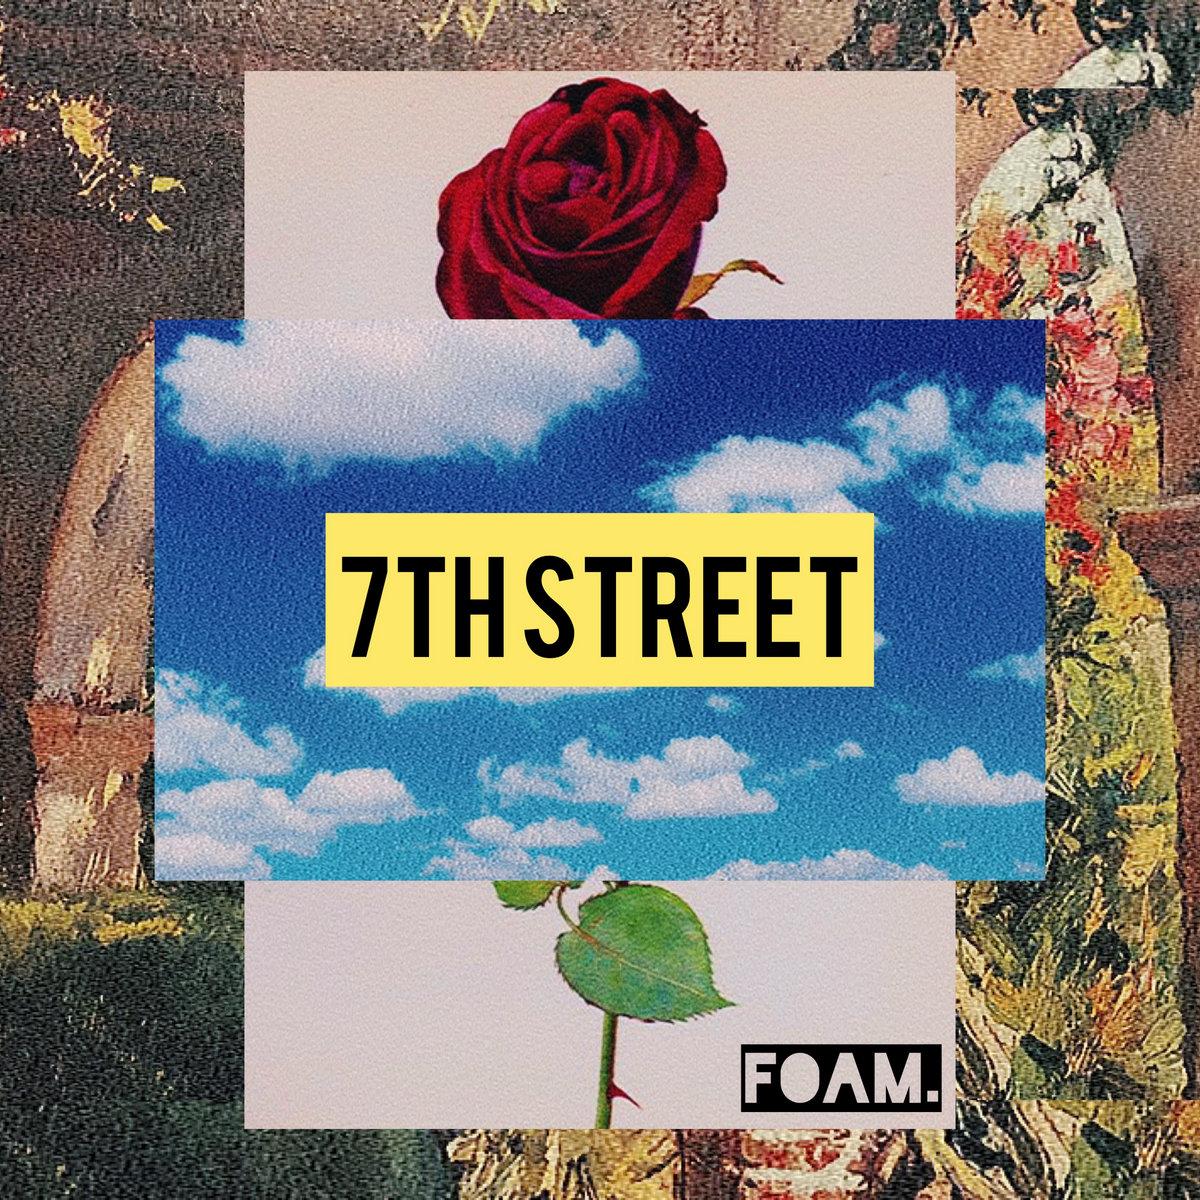 Seventh Street by FOAM